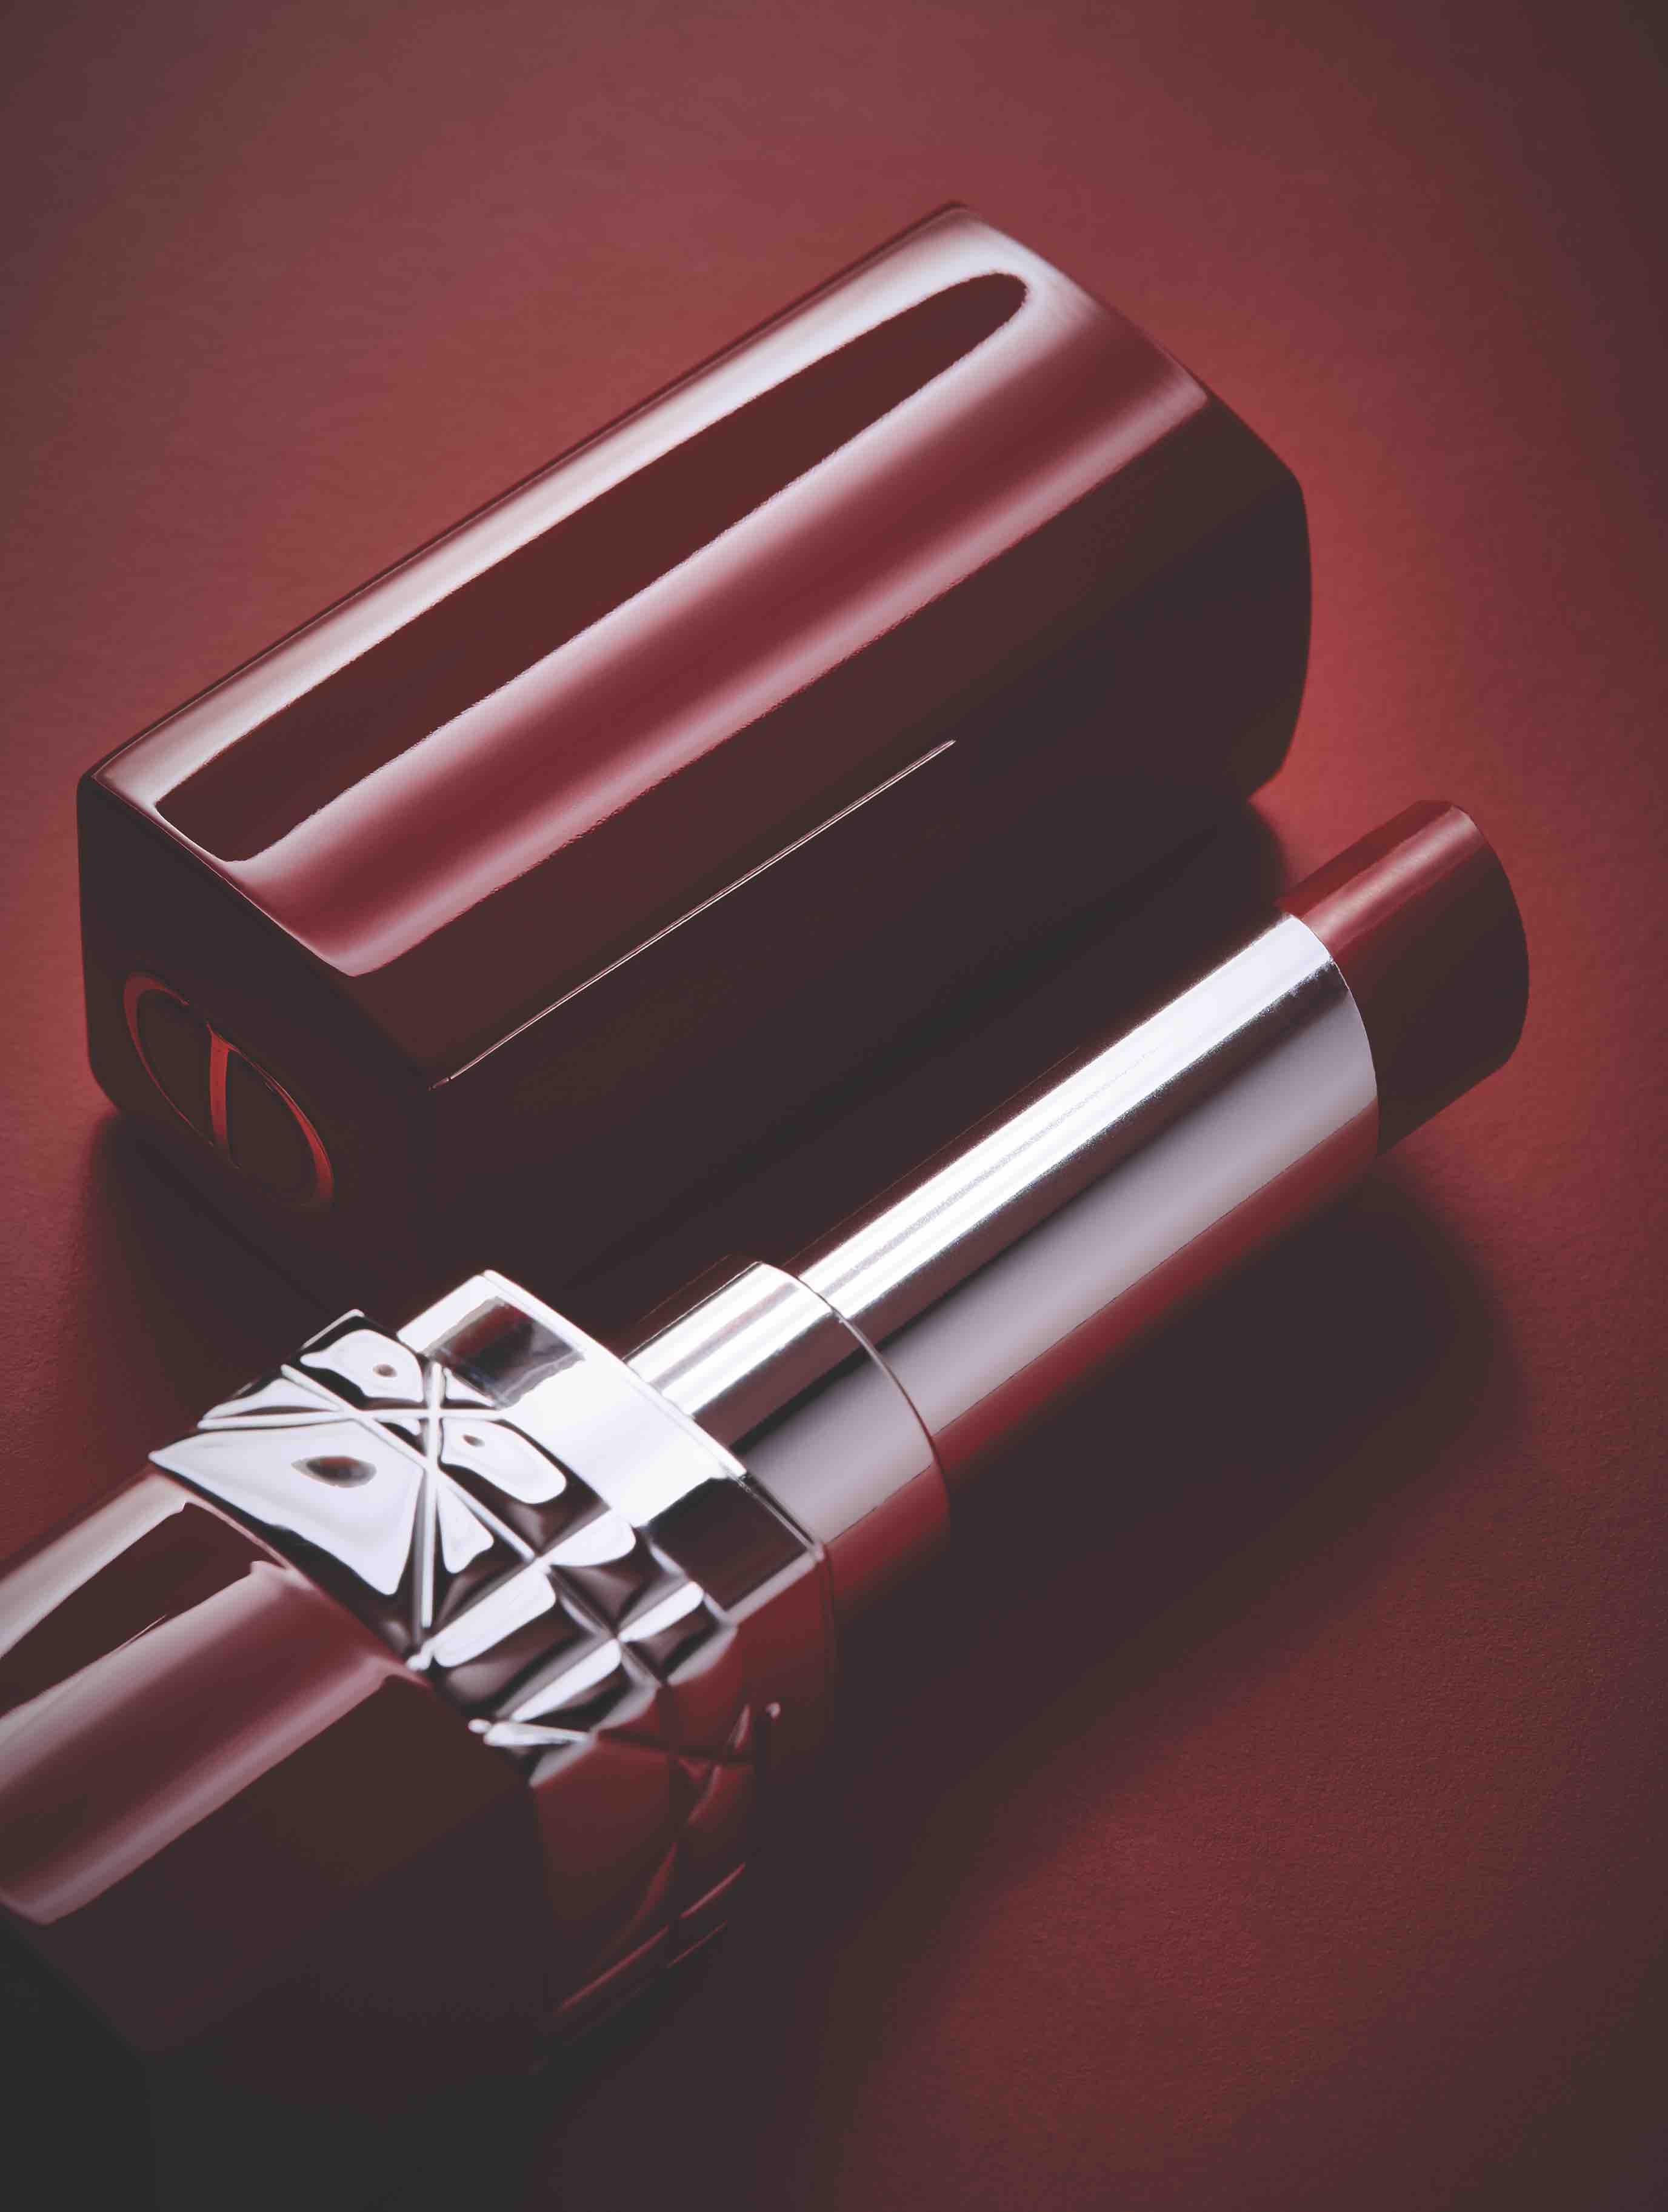 Rouge Dior Ultra Dior pigmented hydra lipstick in 99 Ultra Dior, Dior Beauty